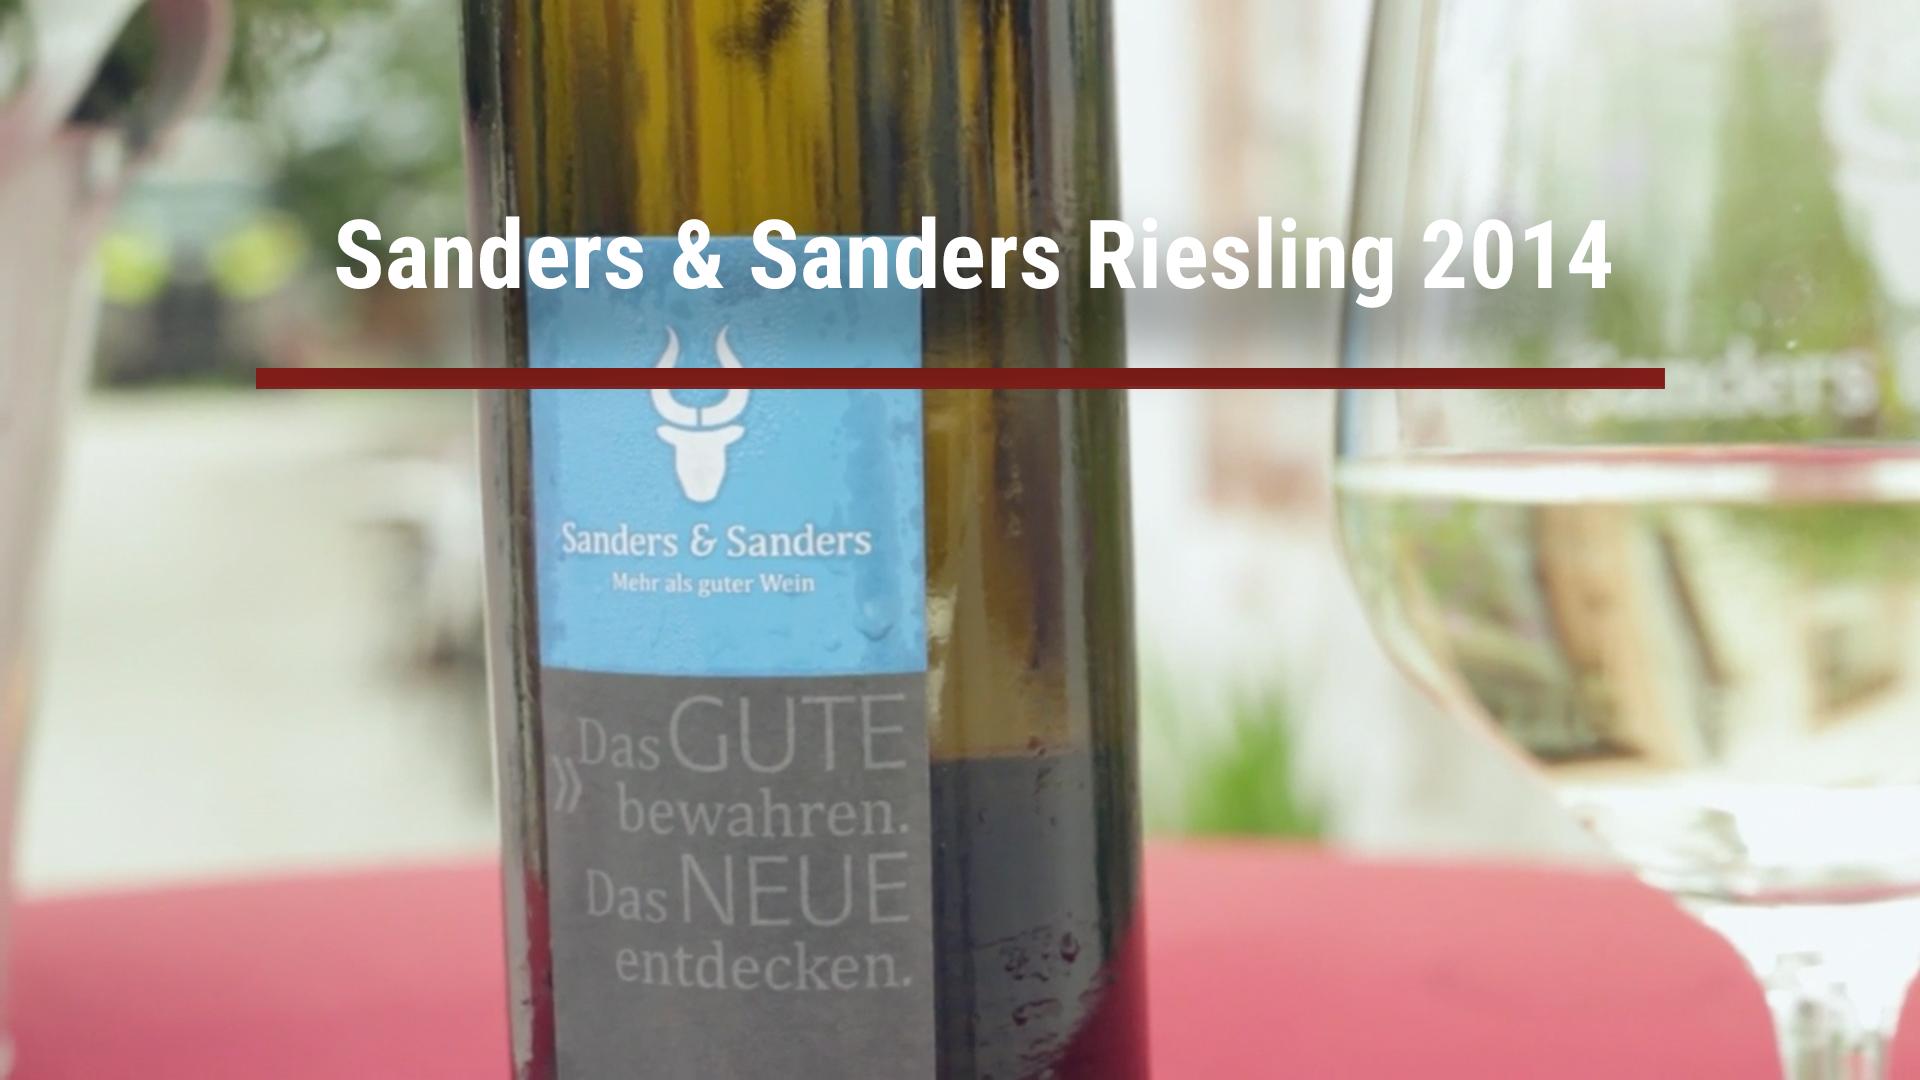 Sanders & Sanders Riesling 2014